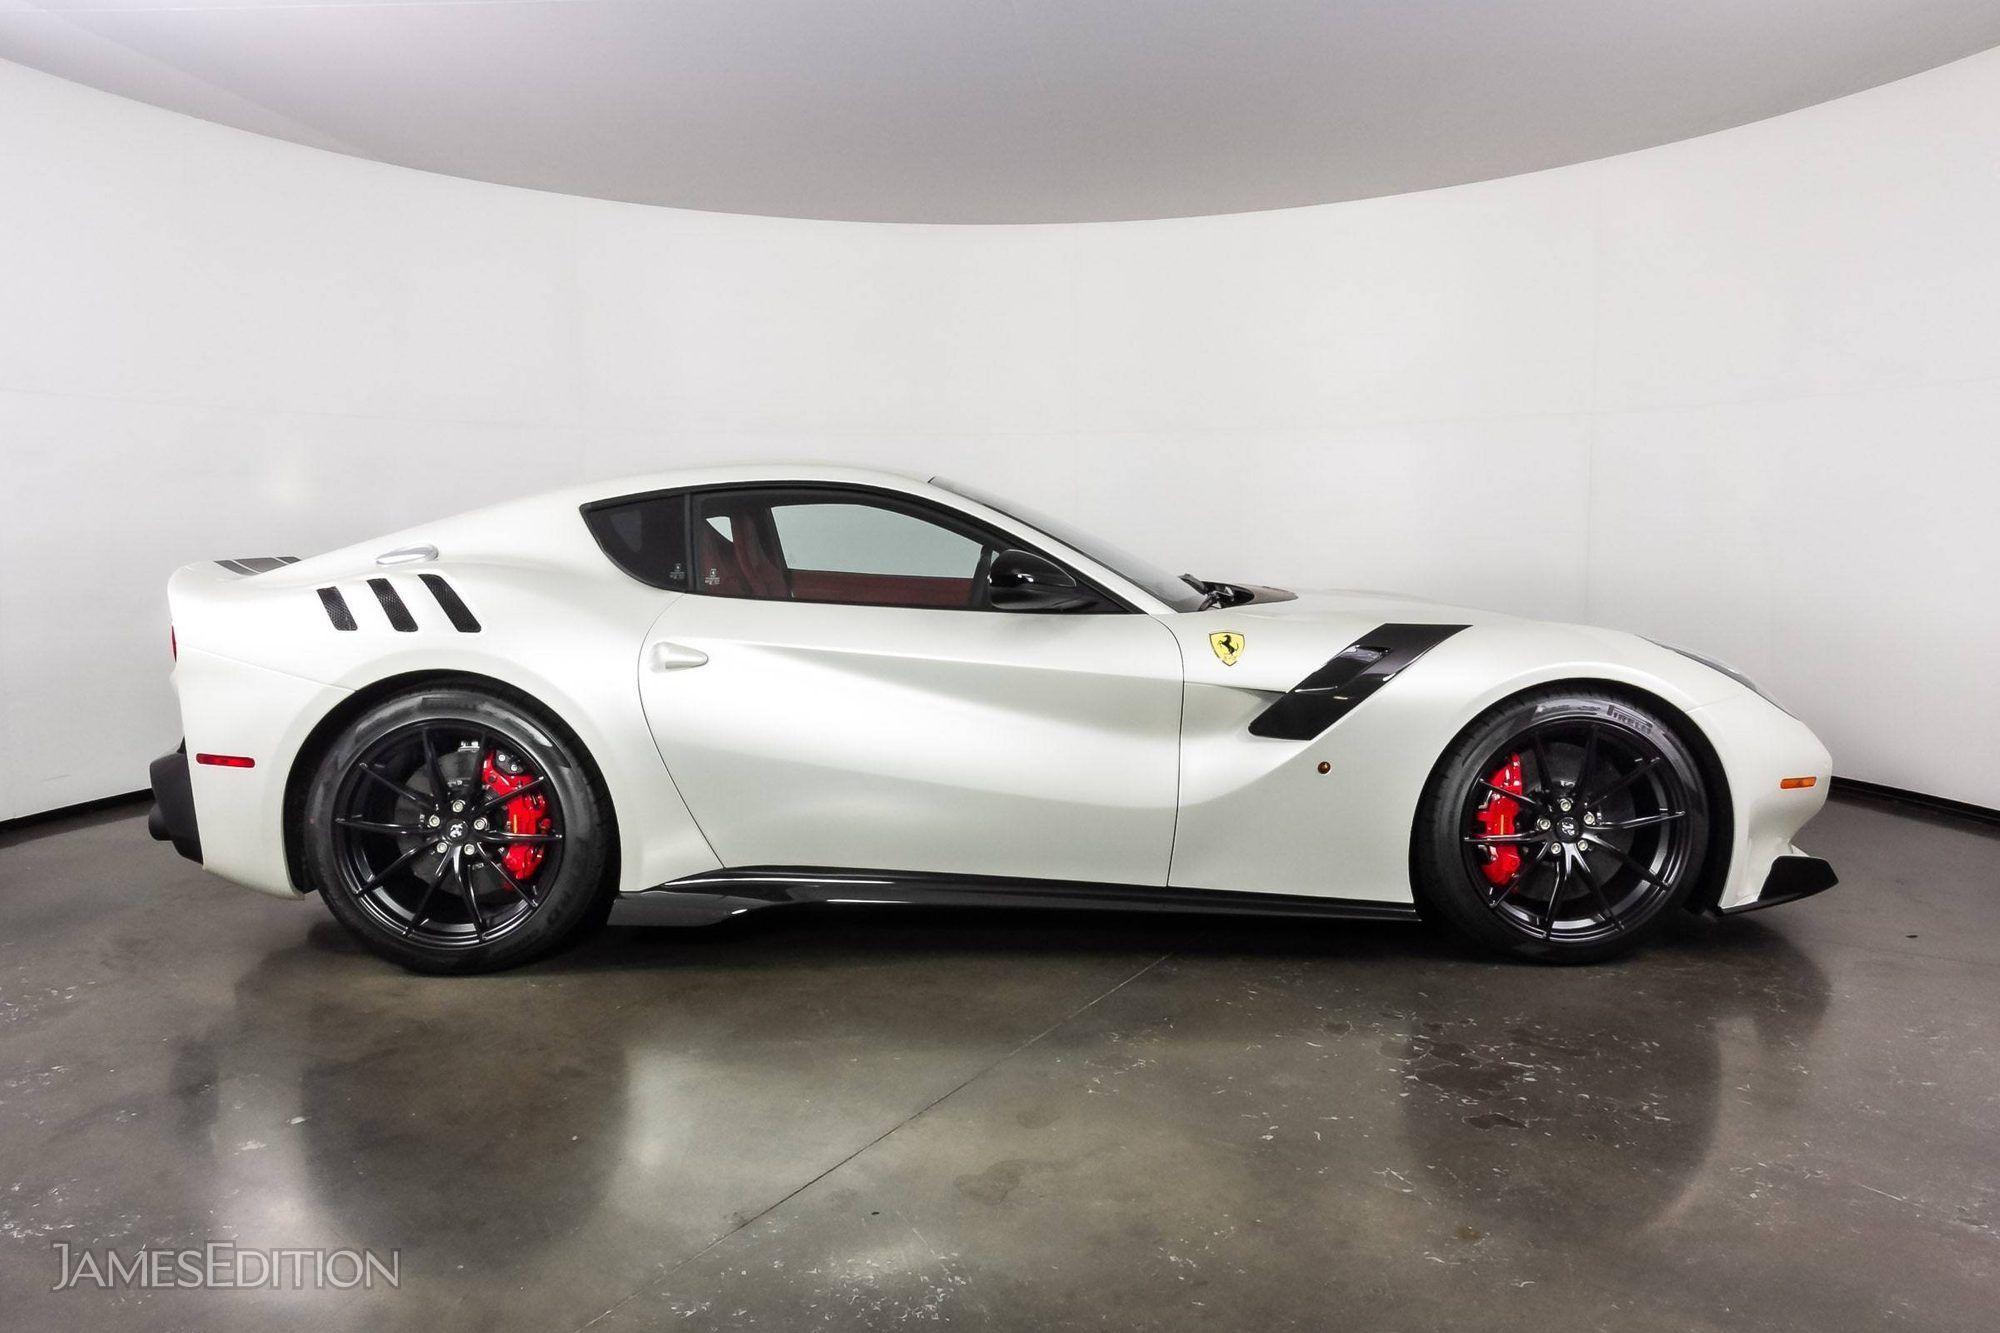 2016 Ferrari F12 In Plano Tx United States For Sale 11017435 Ferrari F12 Ferrari F12 Tdf Ferrari